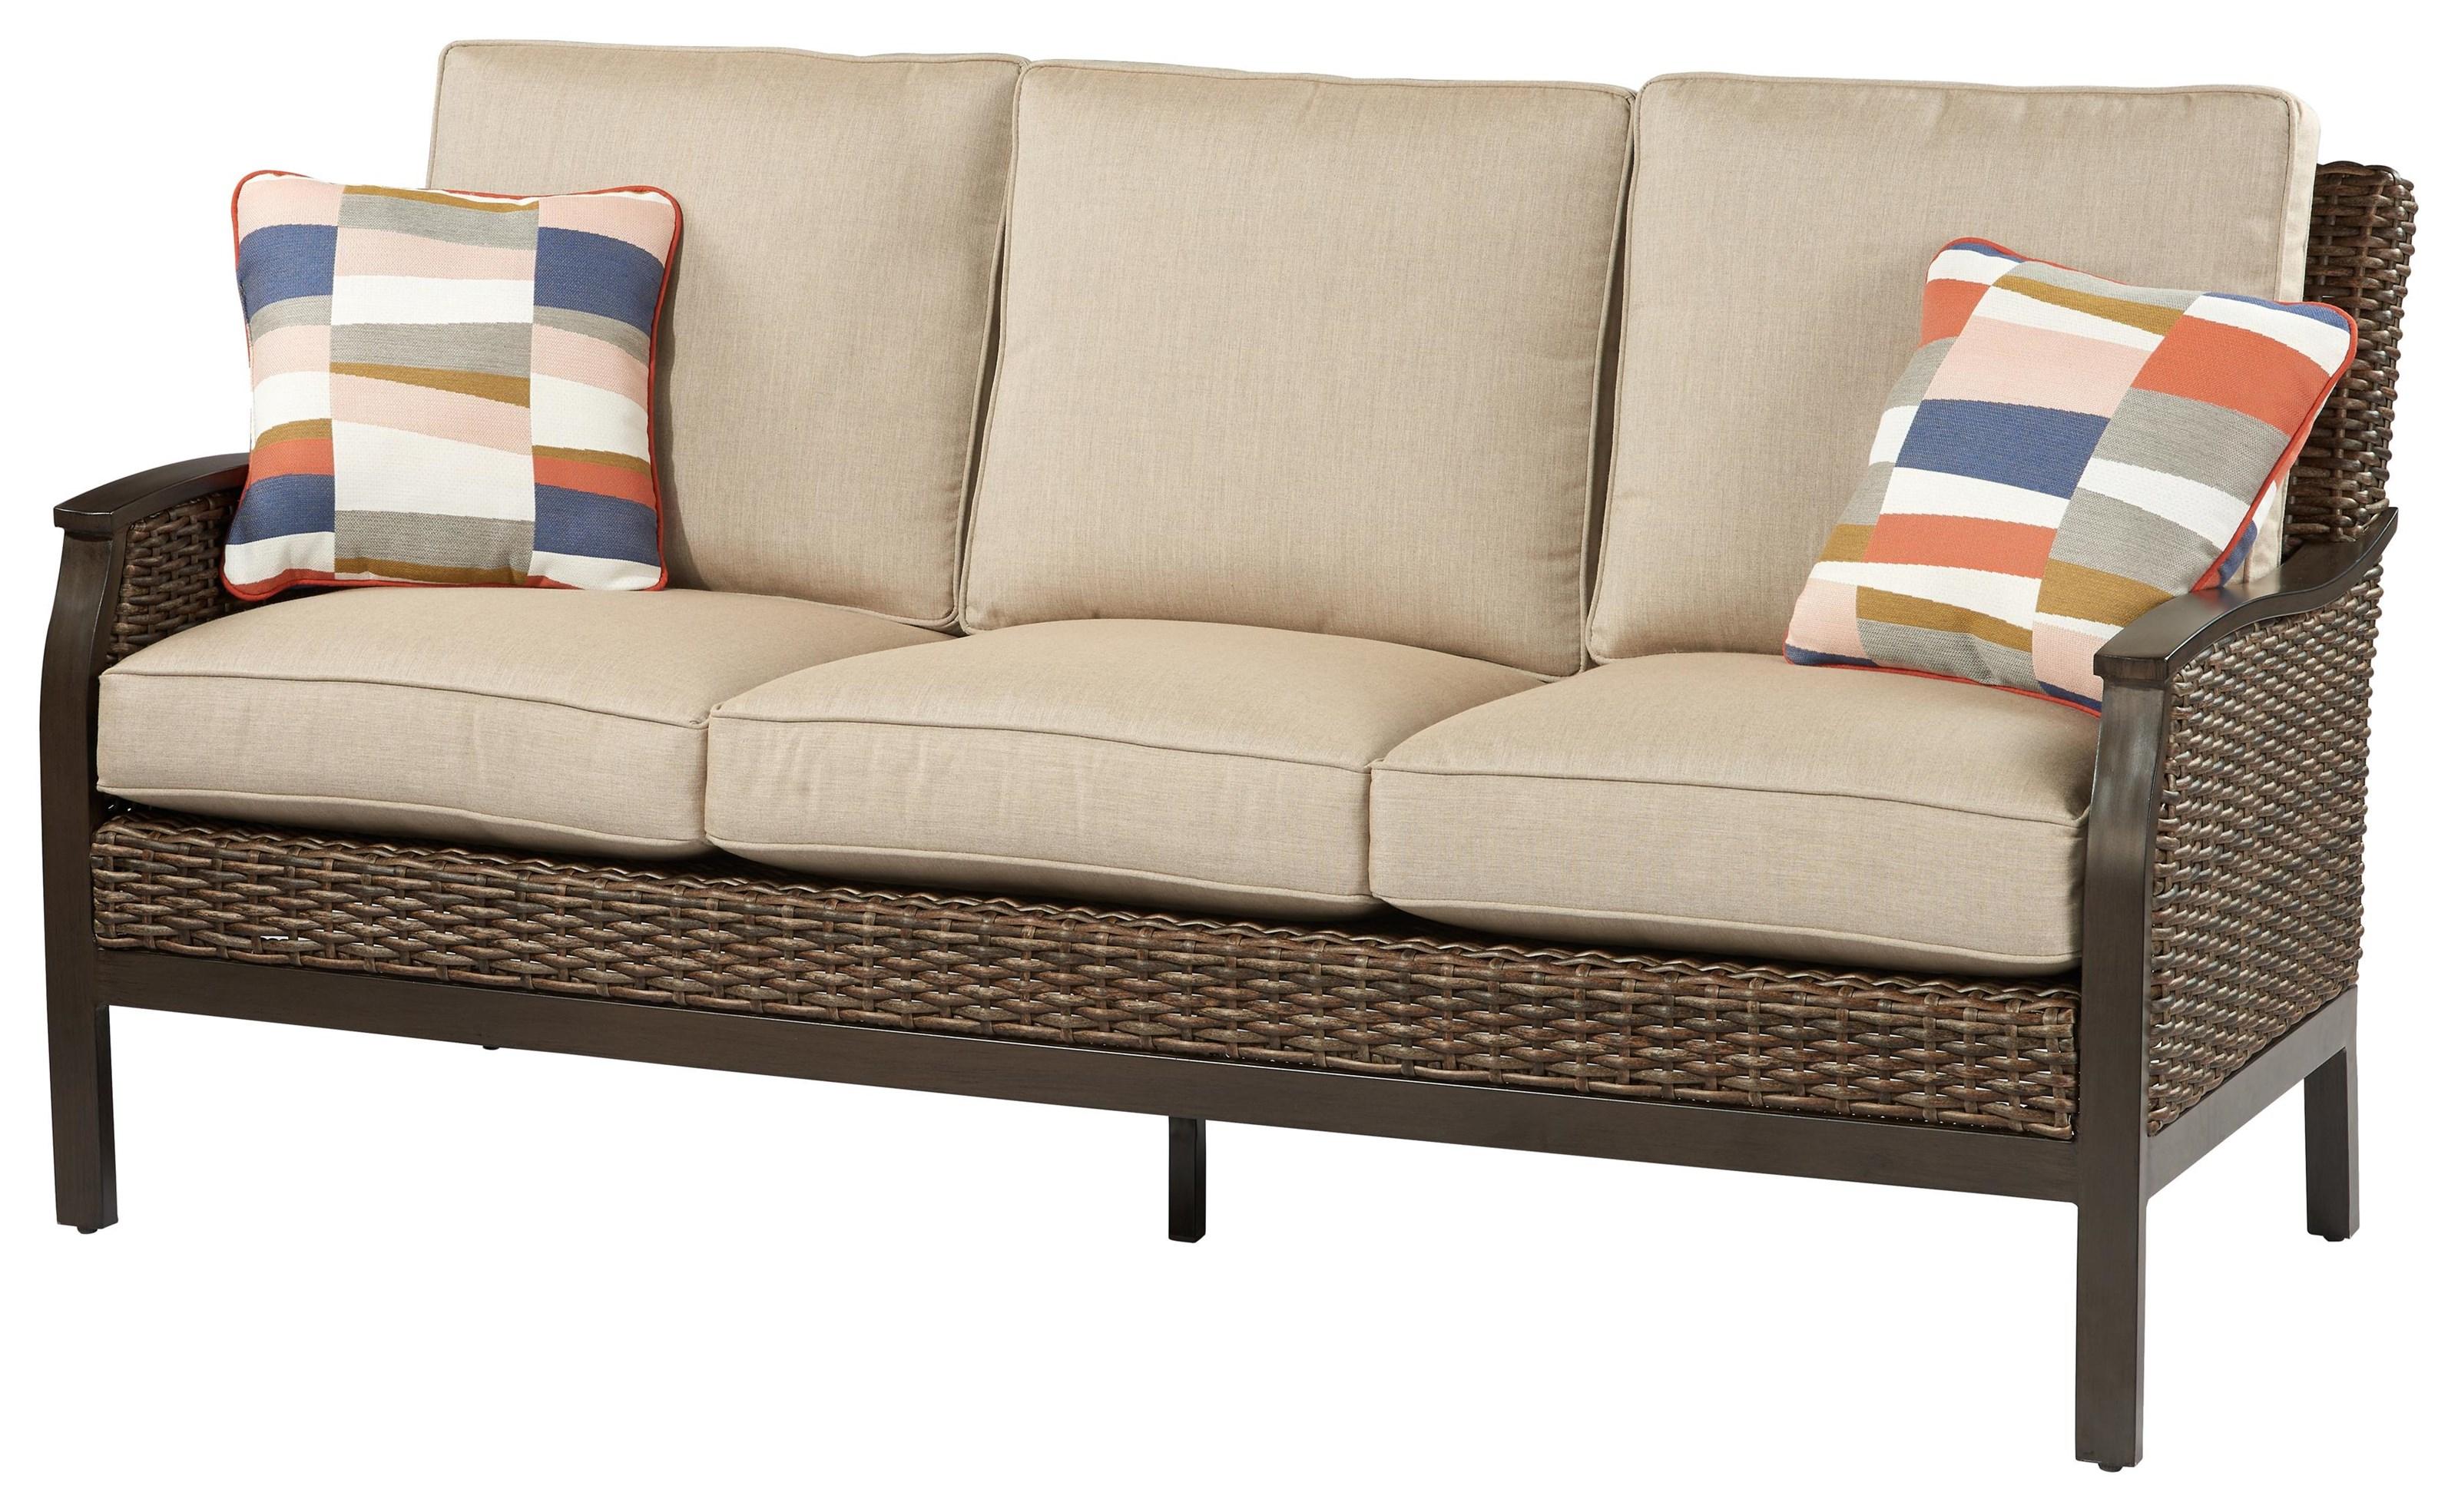 Trenton Sofa by Apricity Outdoor at Johnny Janosik